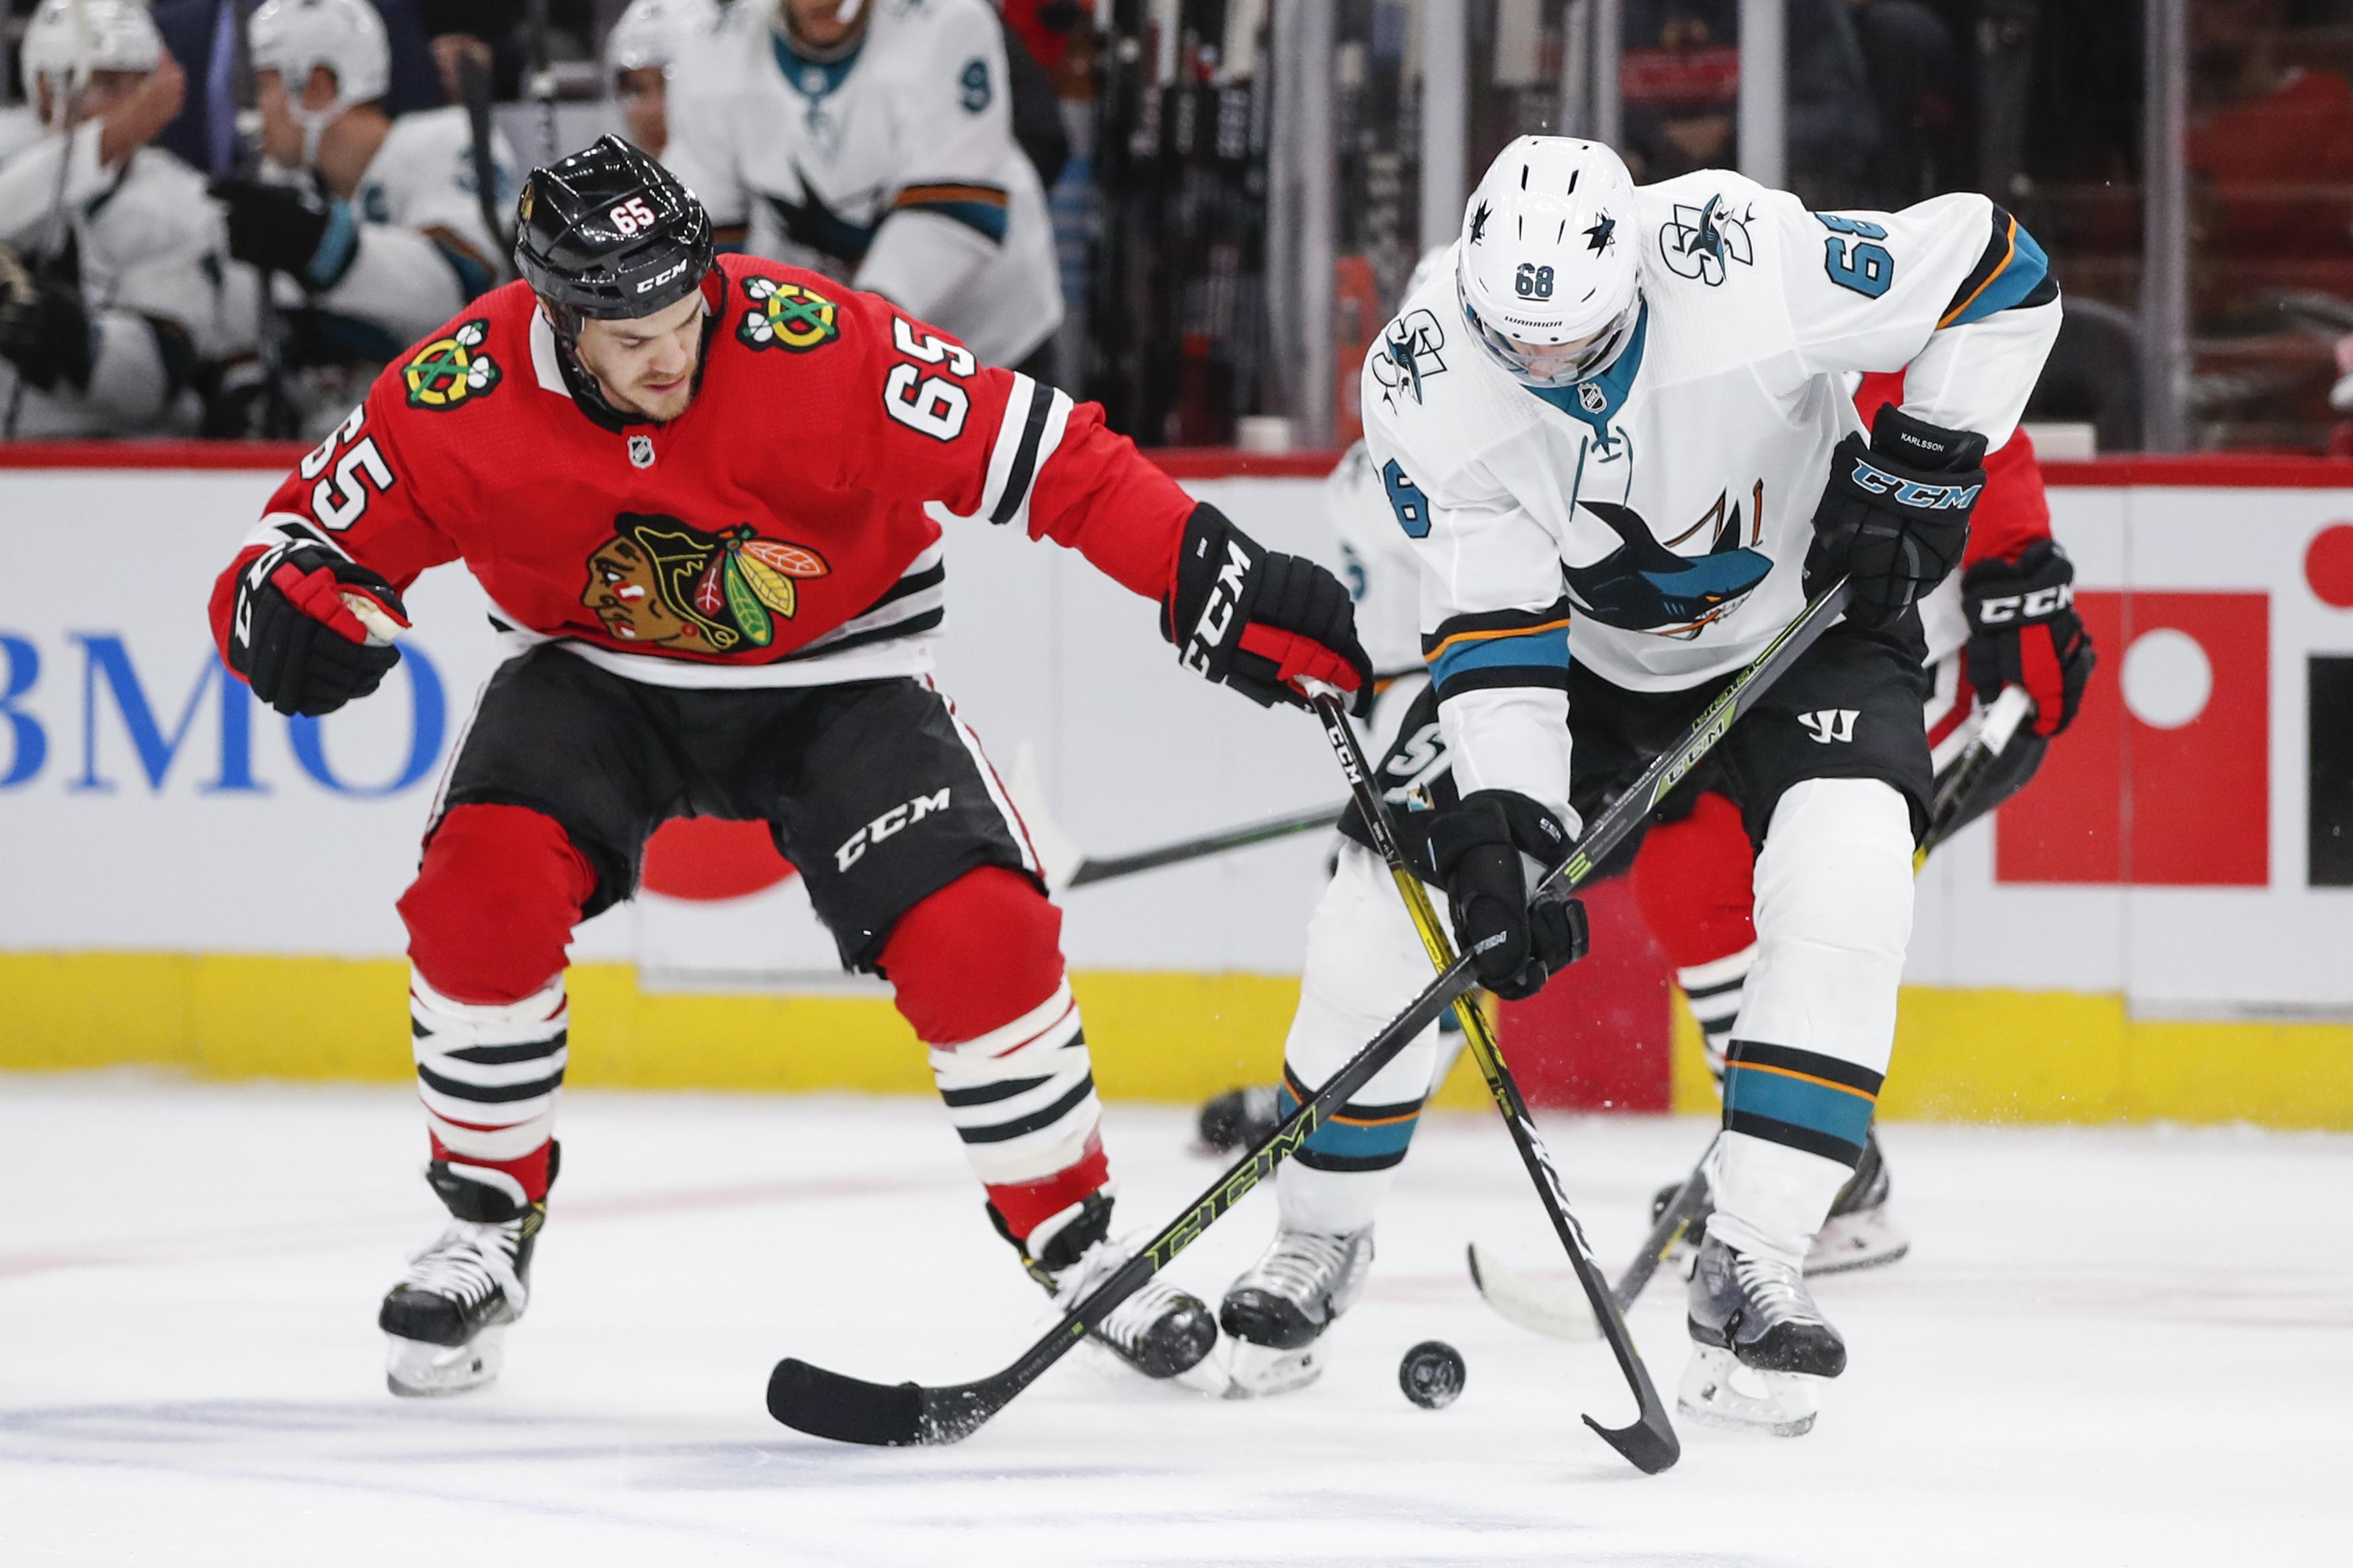 Marleau helps Sharks beat Blackhawks 5-4 for 1st win